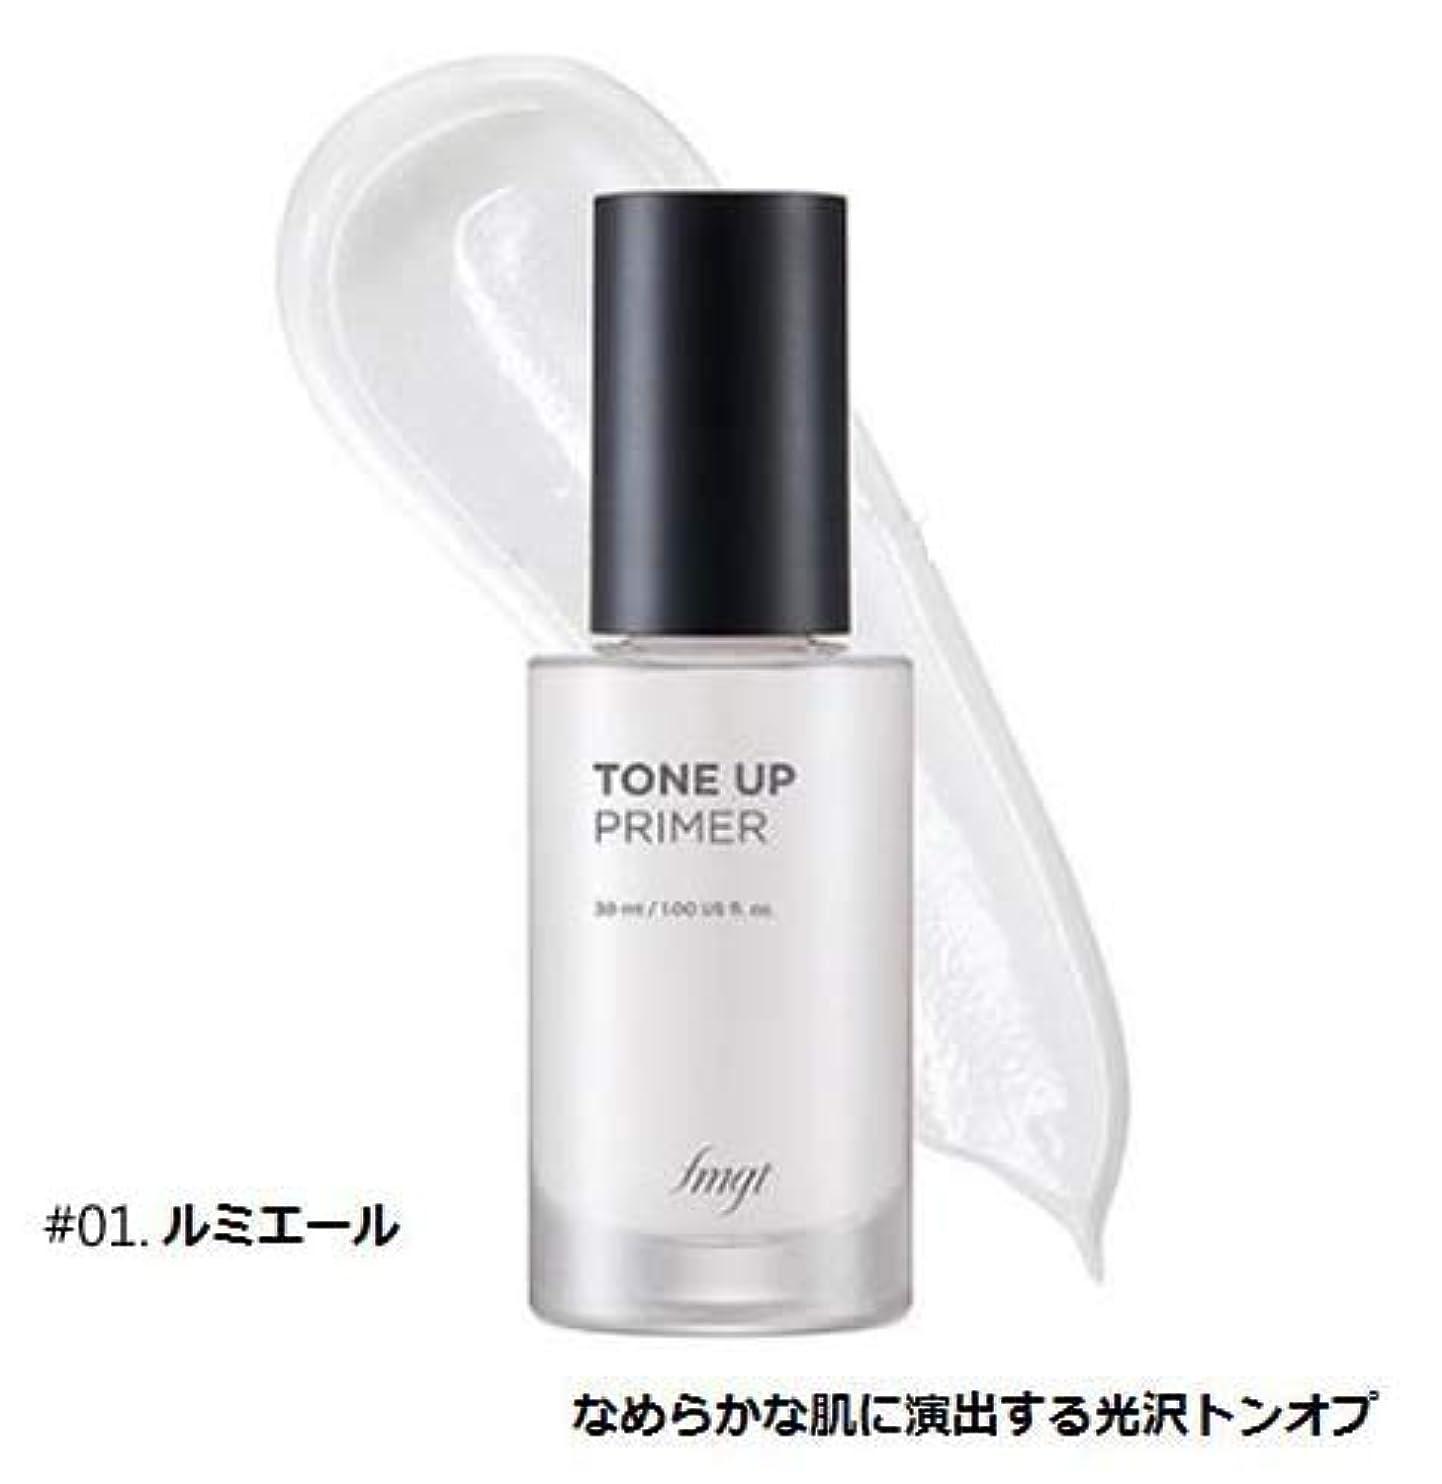 補う起きるすり減る[ザ?フェイスショップ] THE FACE SHOP [トンオプ プライマー 30ml] (Tone Up Primer SPF20 PA++ 30ml) [海外直送品] (#01. ルミエール)